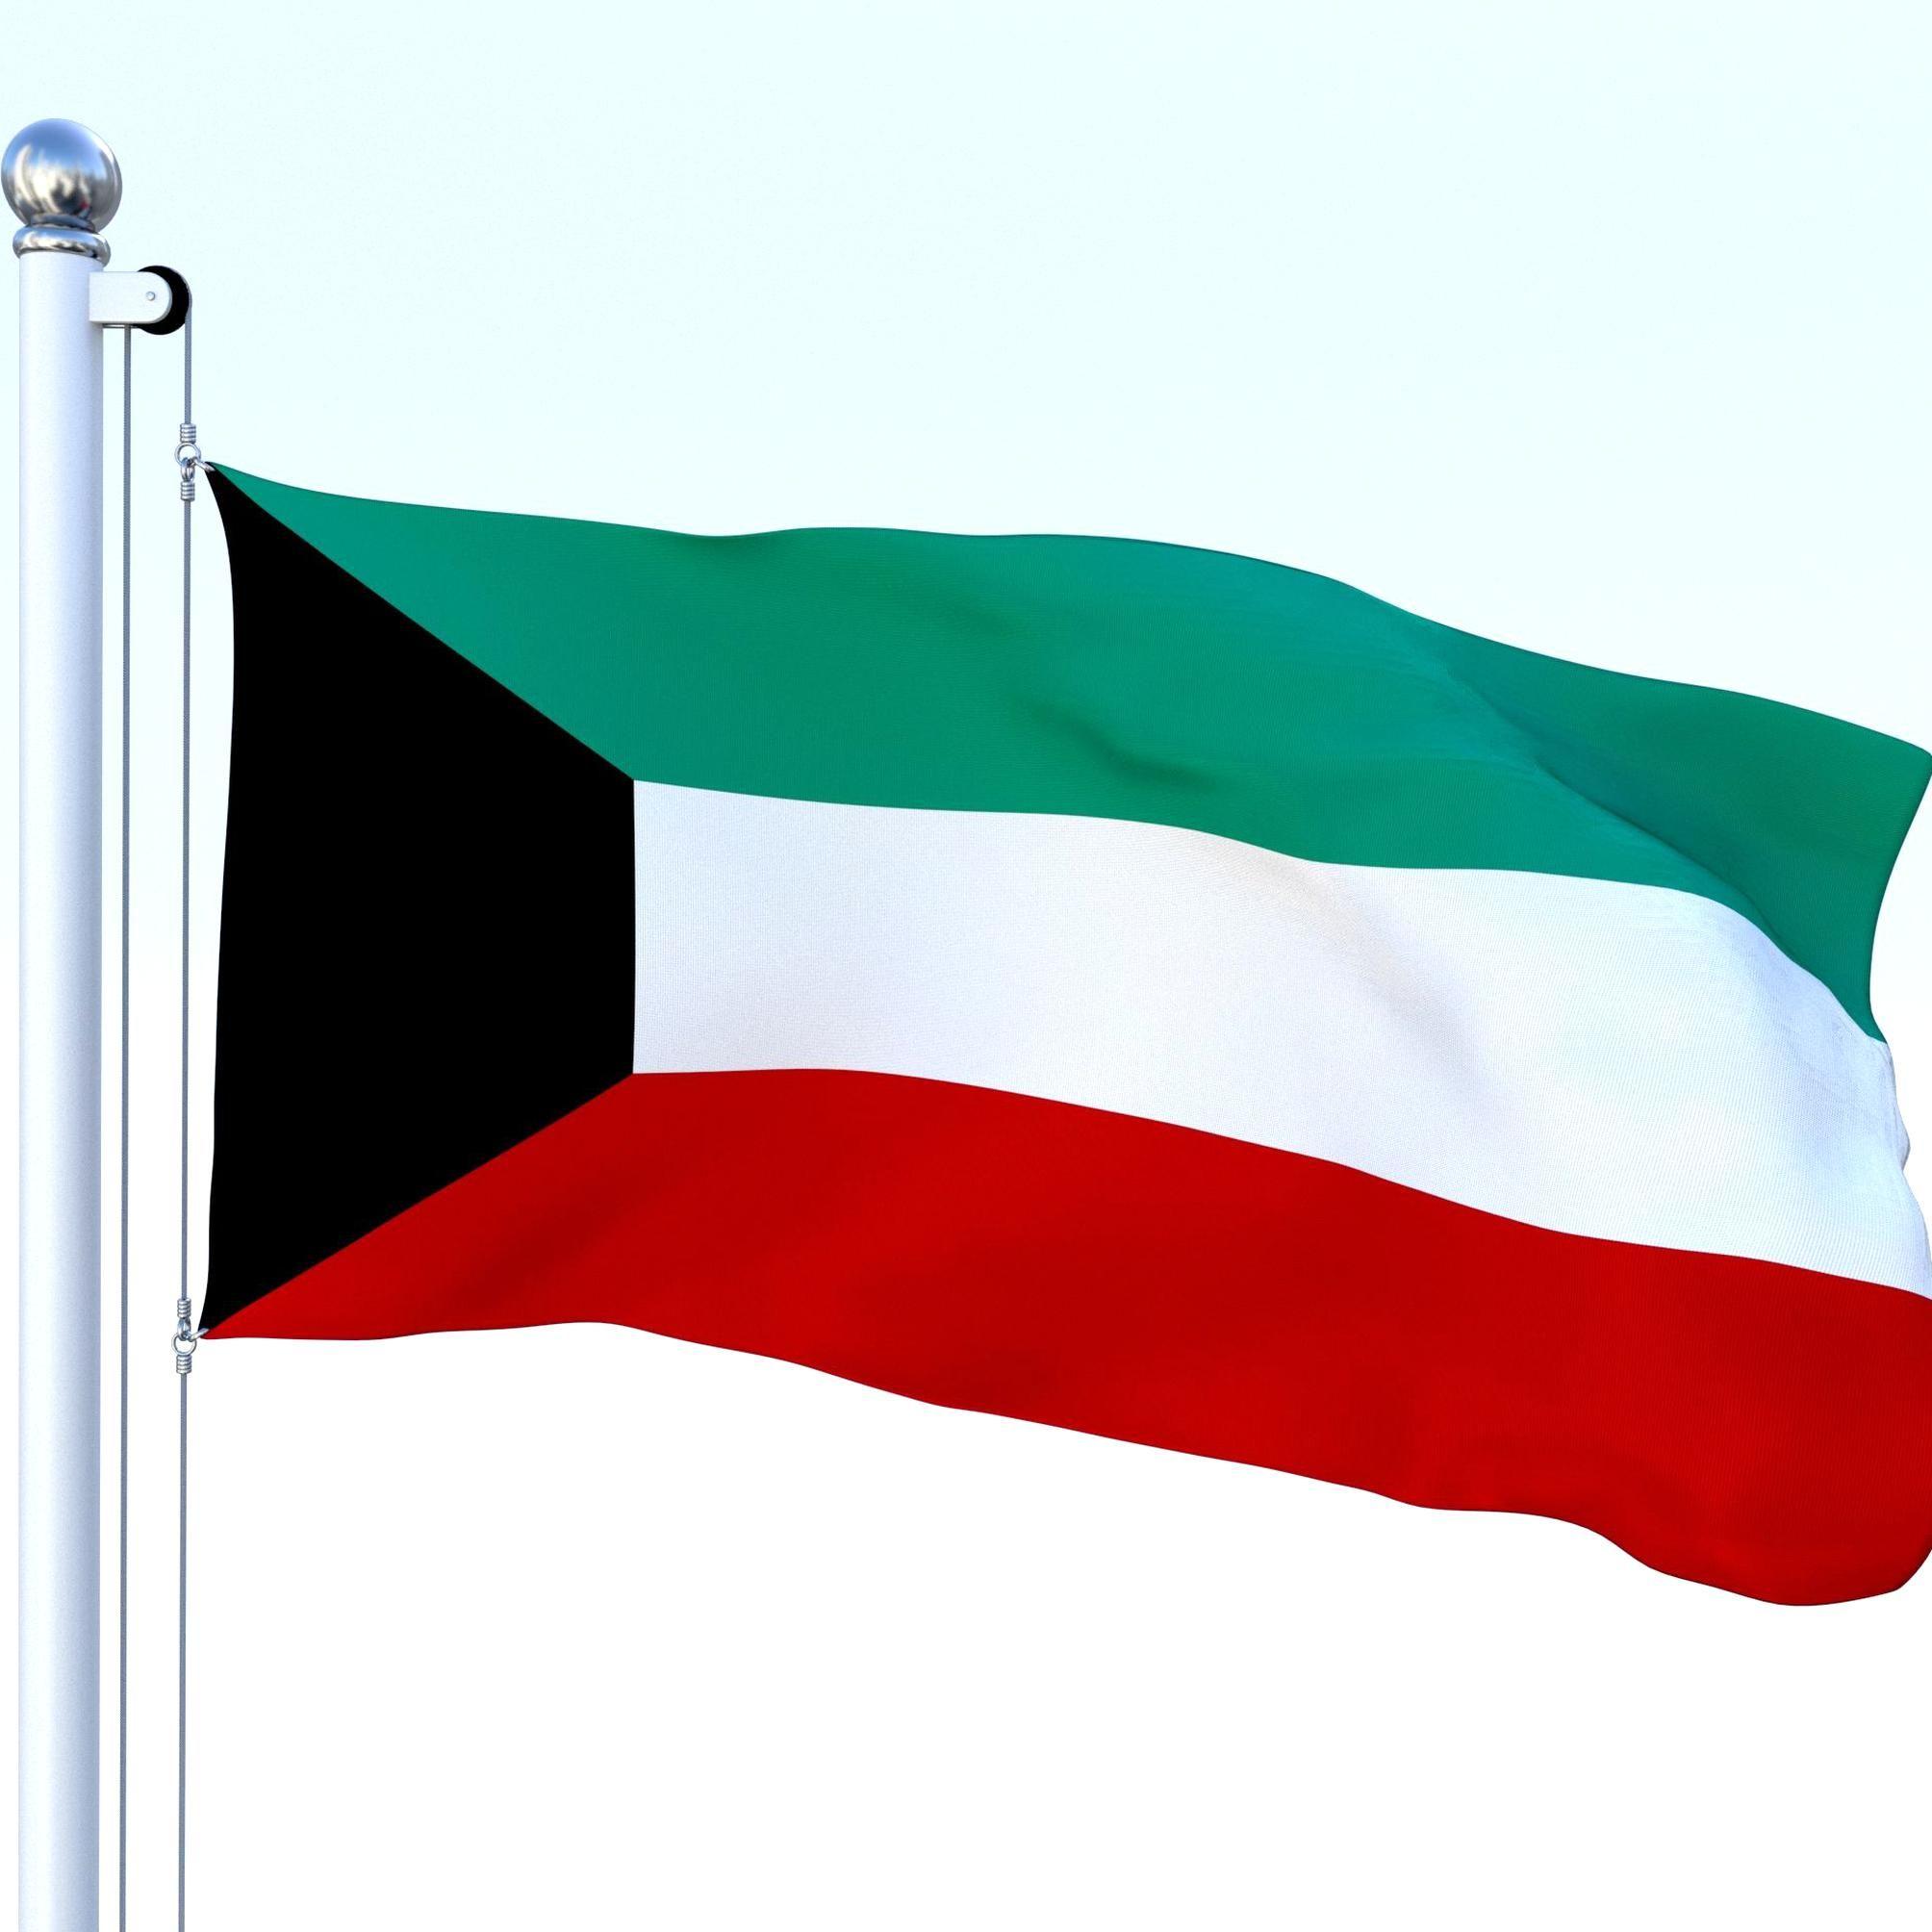 Animated Kuwait Flag Animated Kuwait Flag In 2020 Kuwait Flag House 3d Model Flag